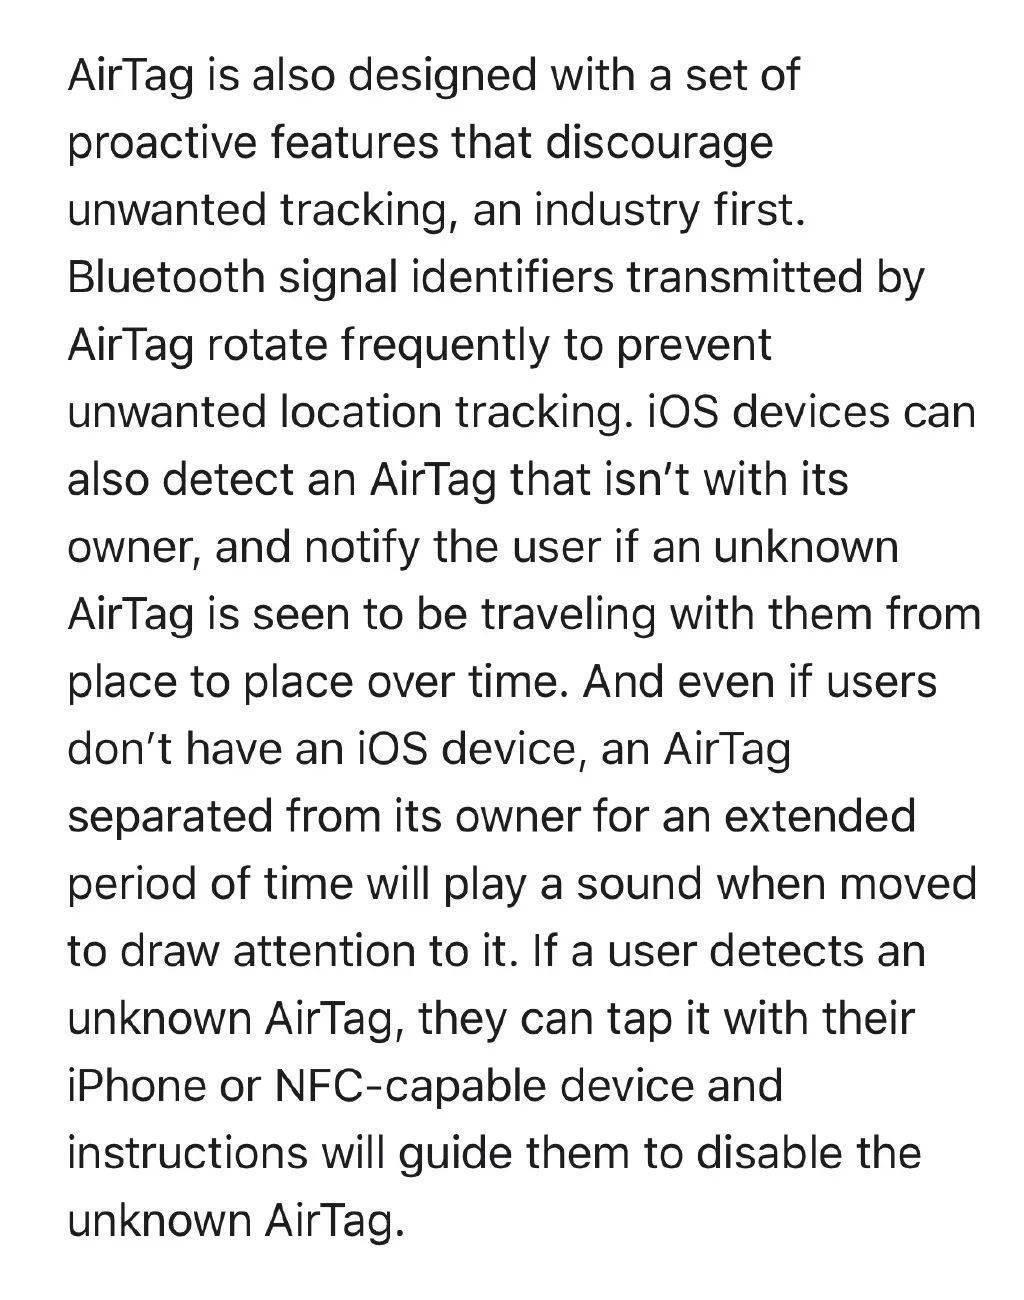 捉奸神器?苹果件AirTag今晚发售,爱马仕保护套仅2199元!